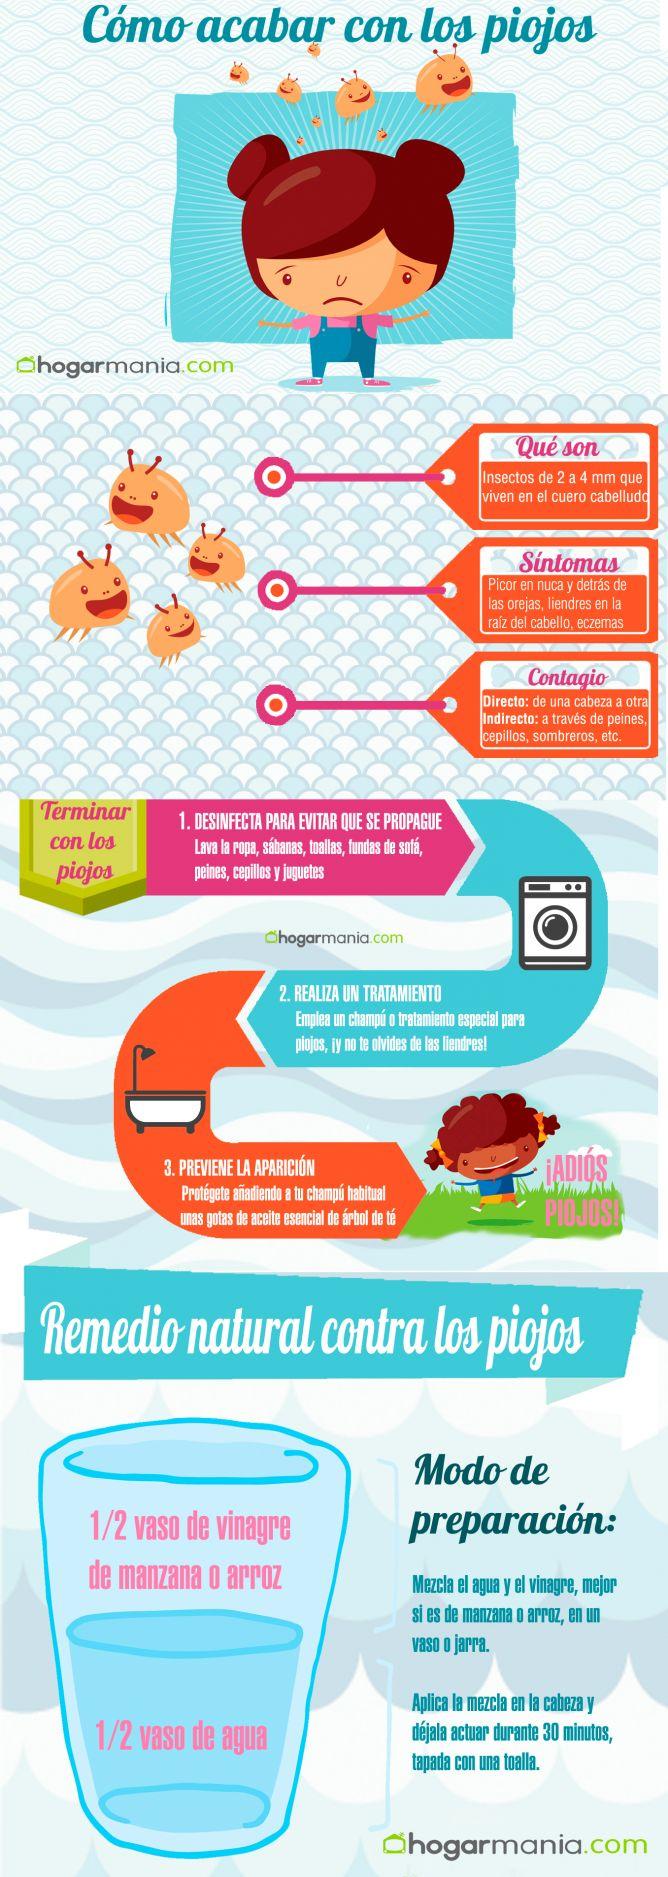 Infografía para acabar con los piojos